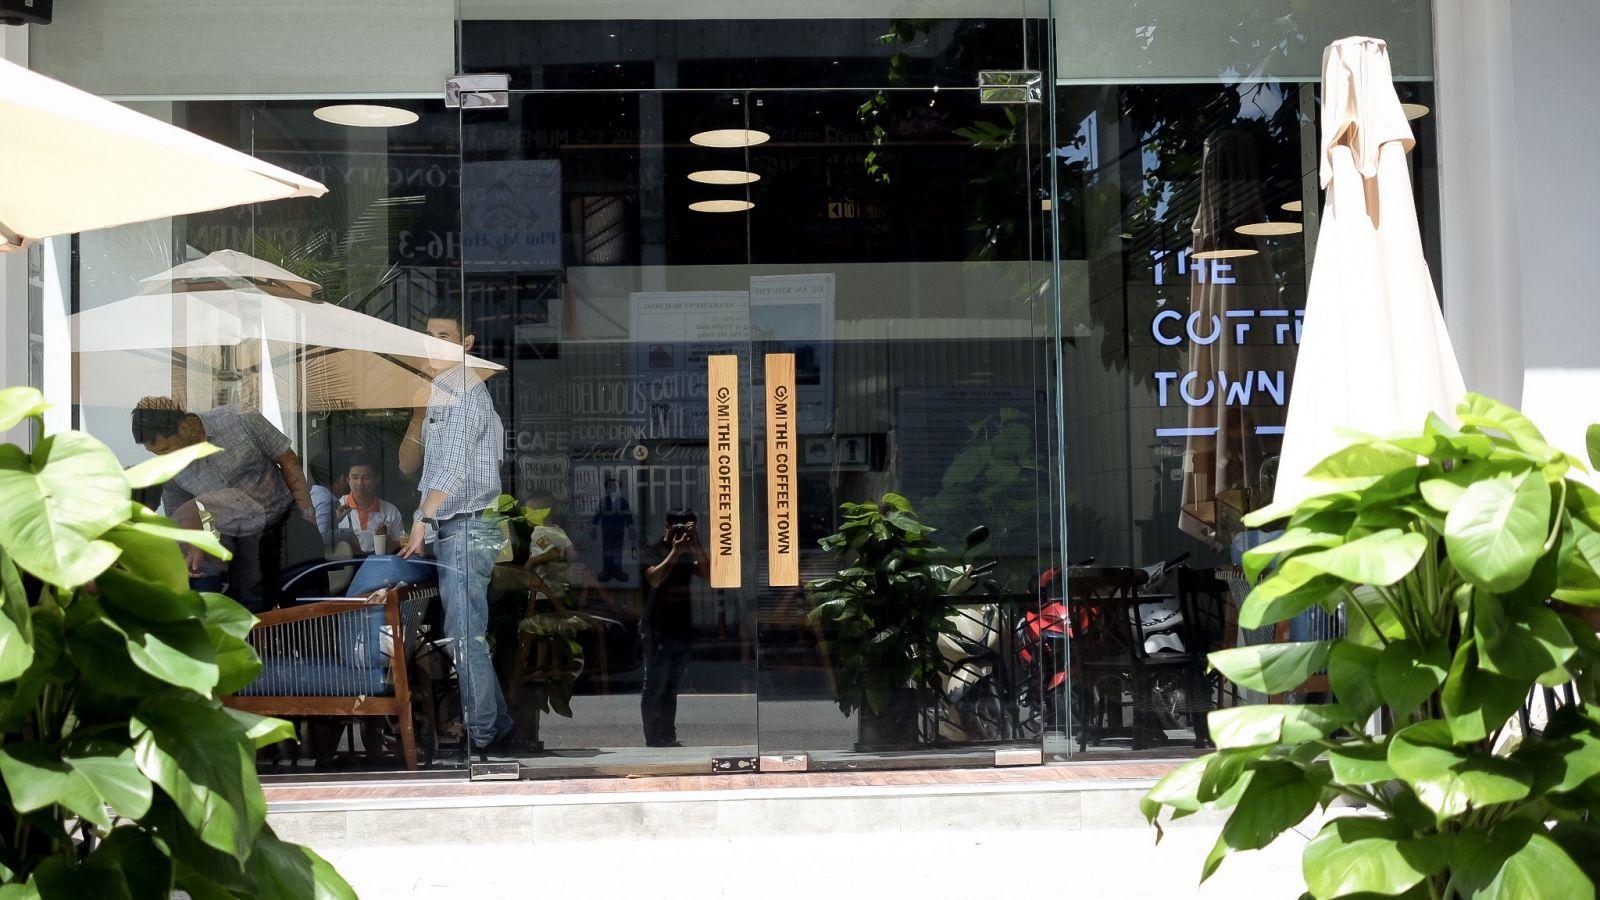 hình ảnh thực tế tại dự án quán cafe the coffee town quận 7 tphcm